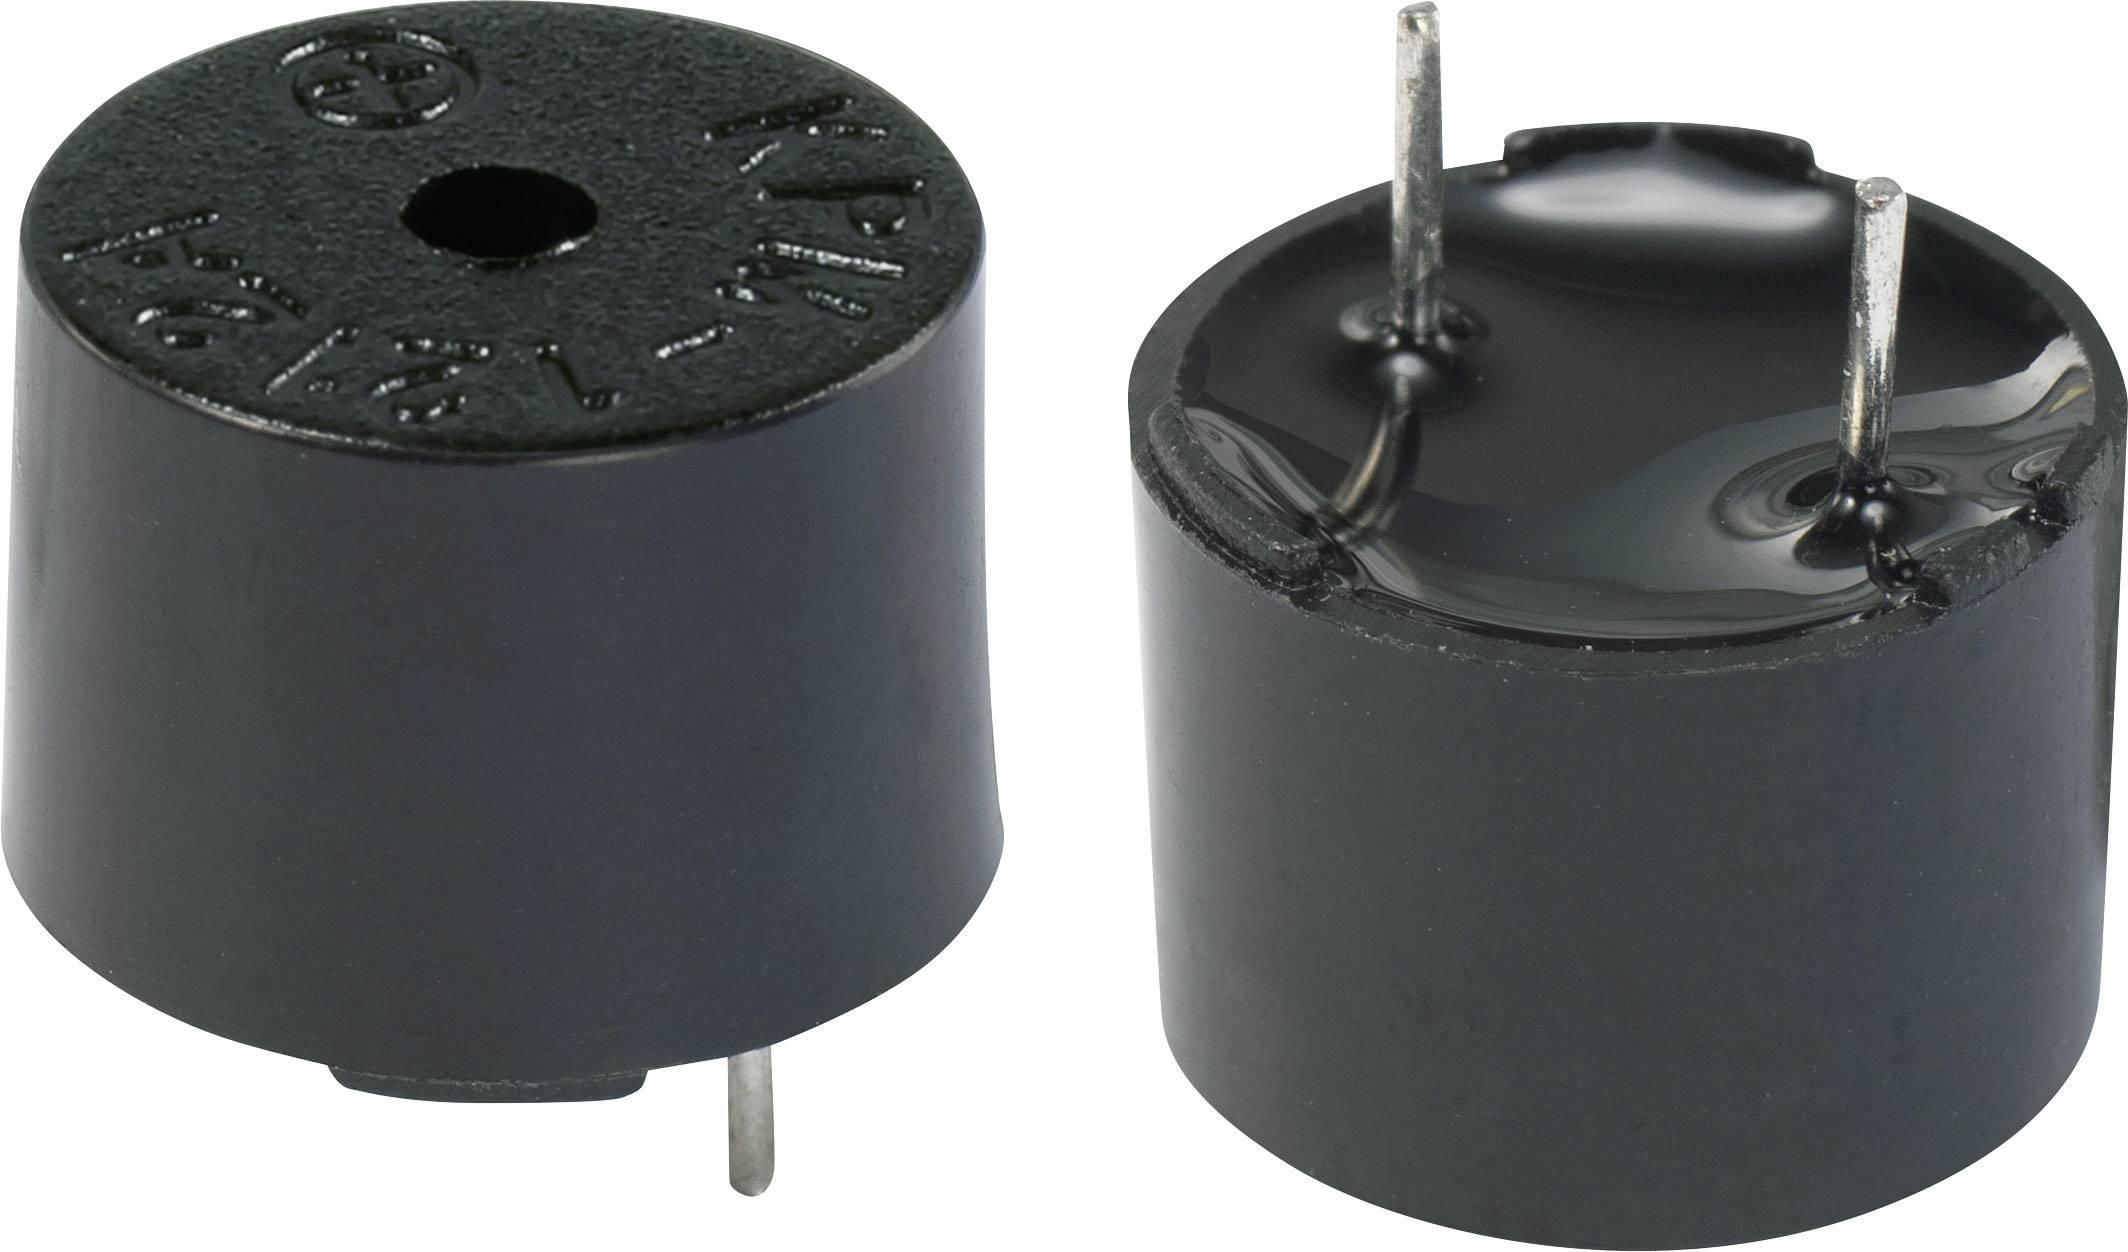 Magnetický akustický měnič bez elektroniky KEPO KPM-G1212A9-K9219, černá